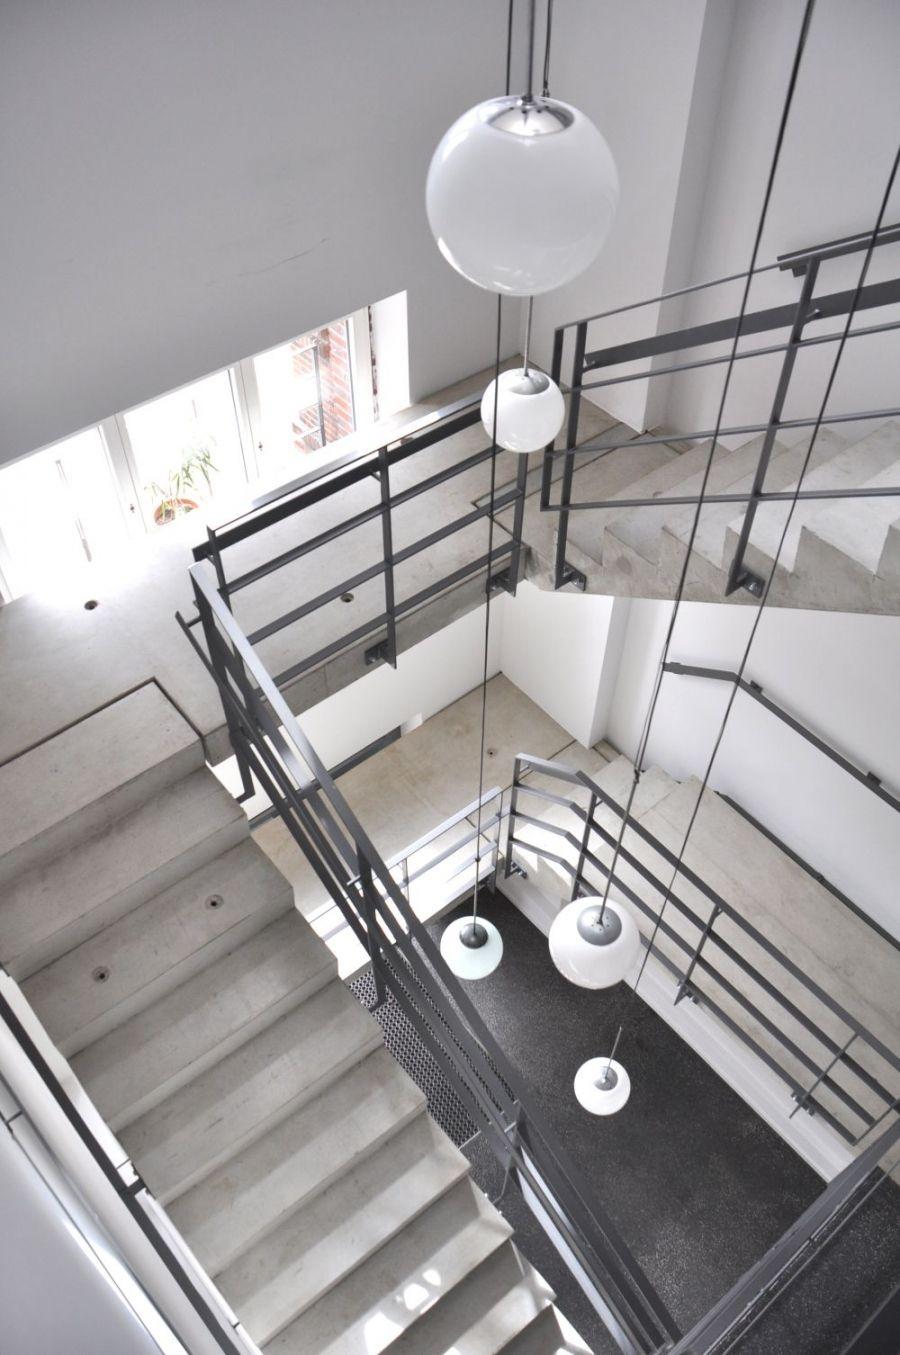 blick in das neu eingef gte treppenhaus die kugelleuchten betonen die vertikale umspannwerk. Black Bedroom Furniture Sets. Home Design Ideas